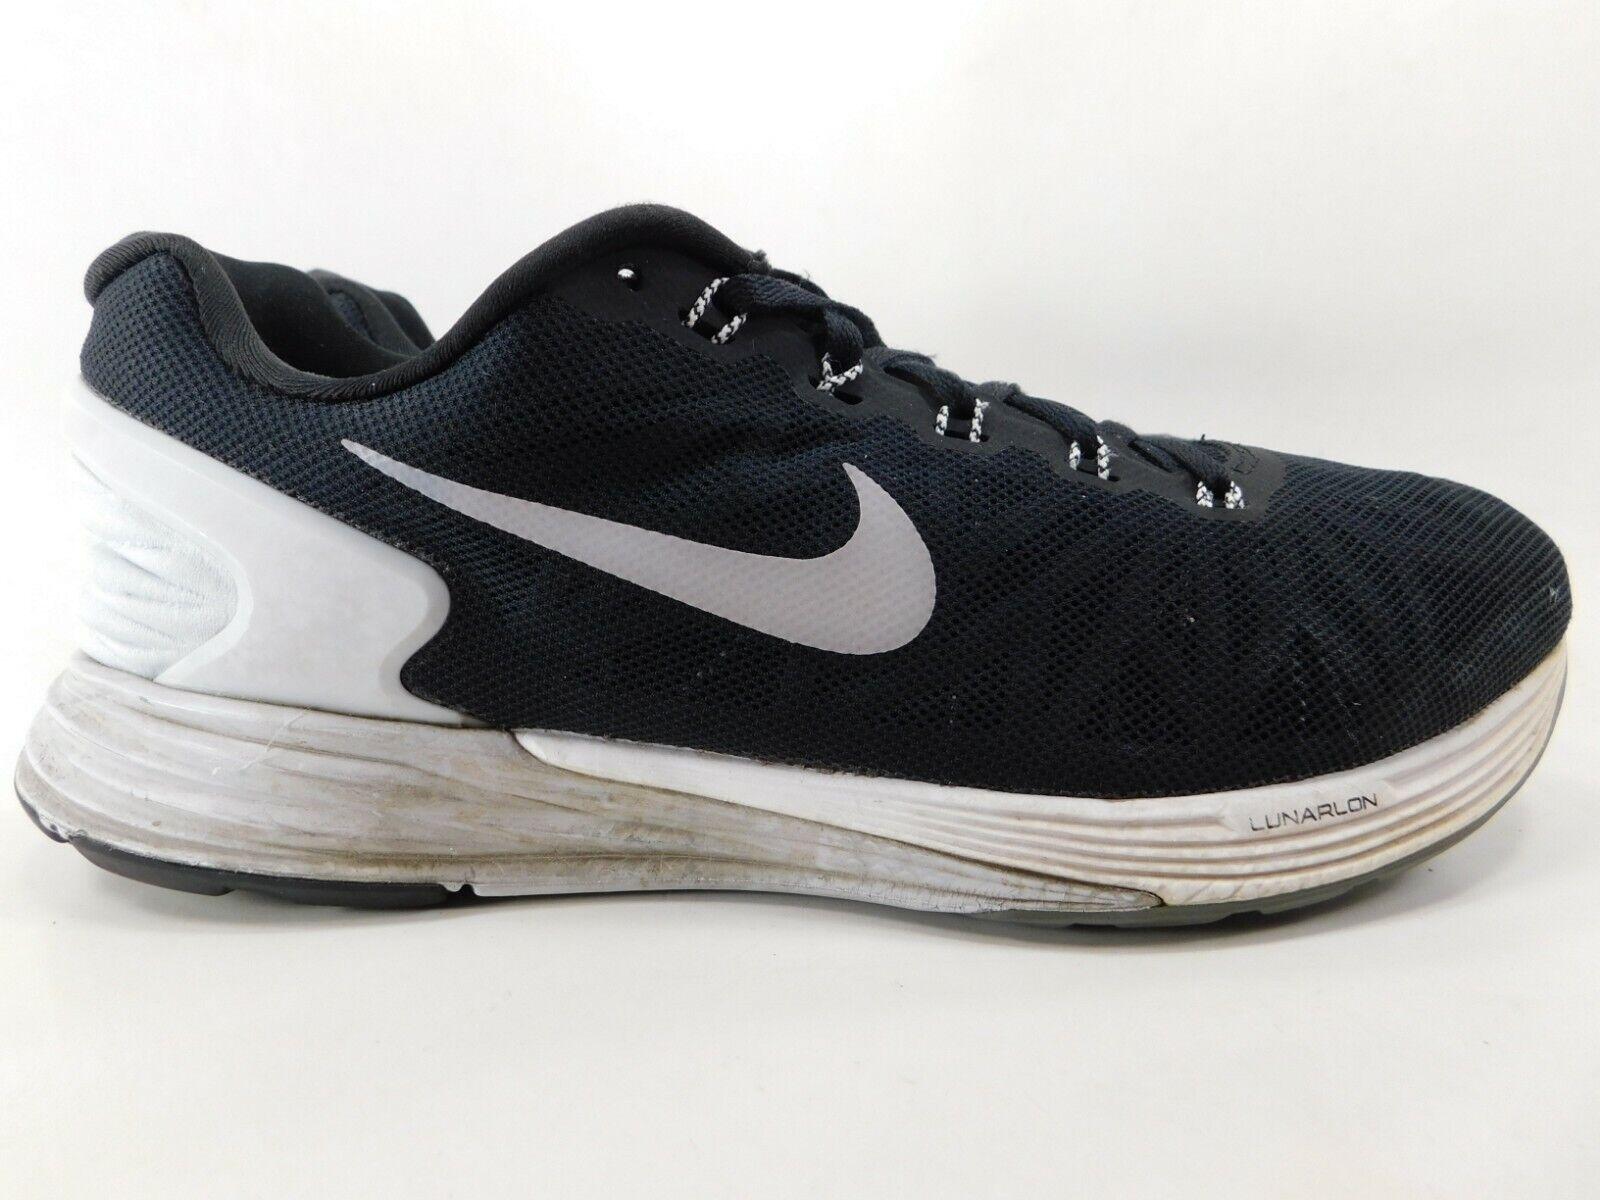 Nike Women's Lunarglide 6 Running Shoe 10